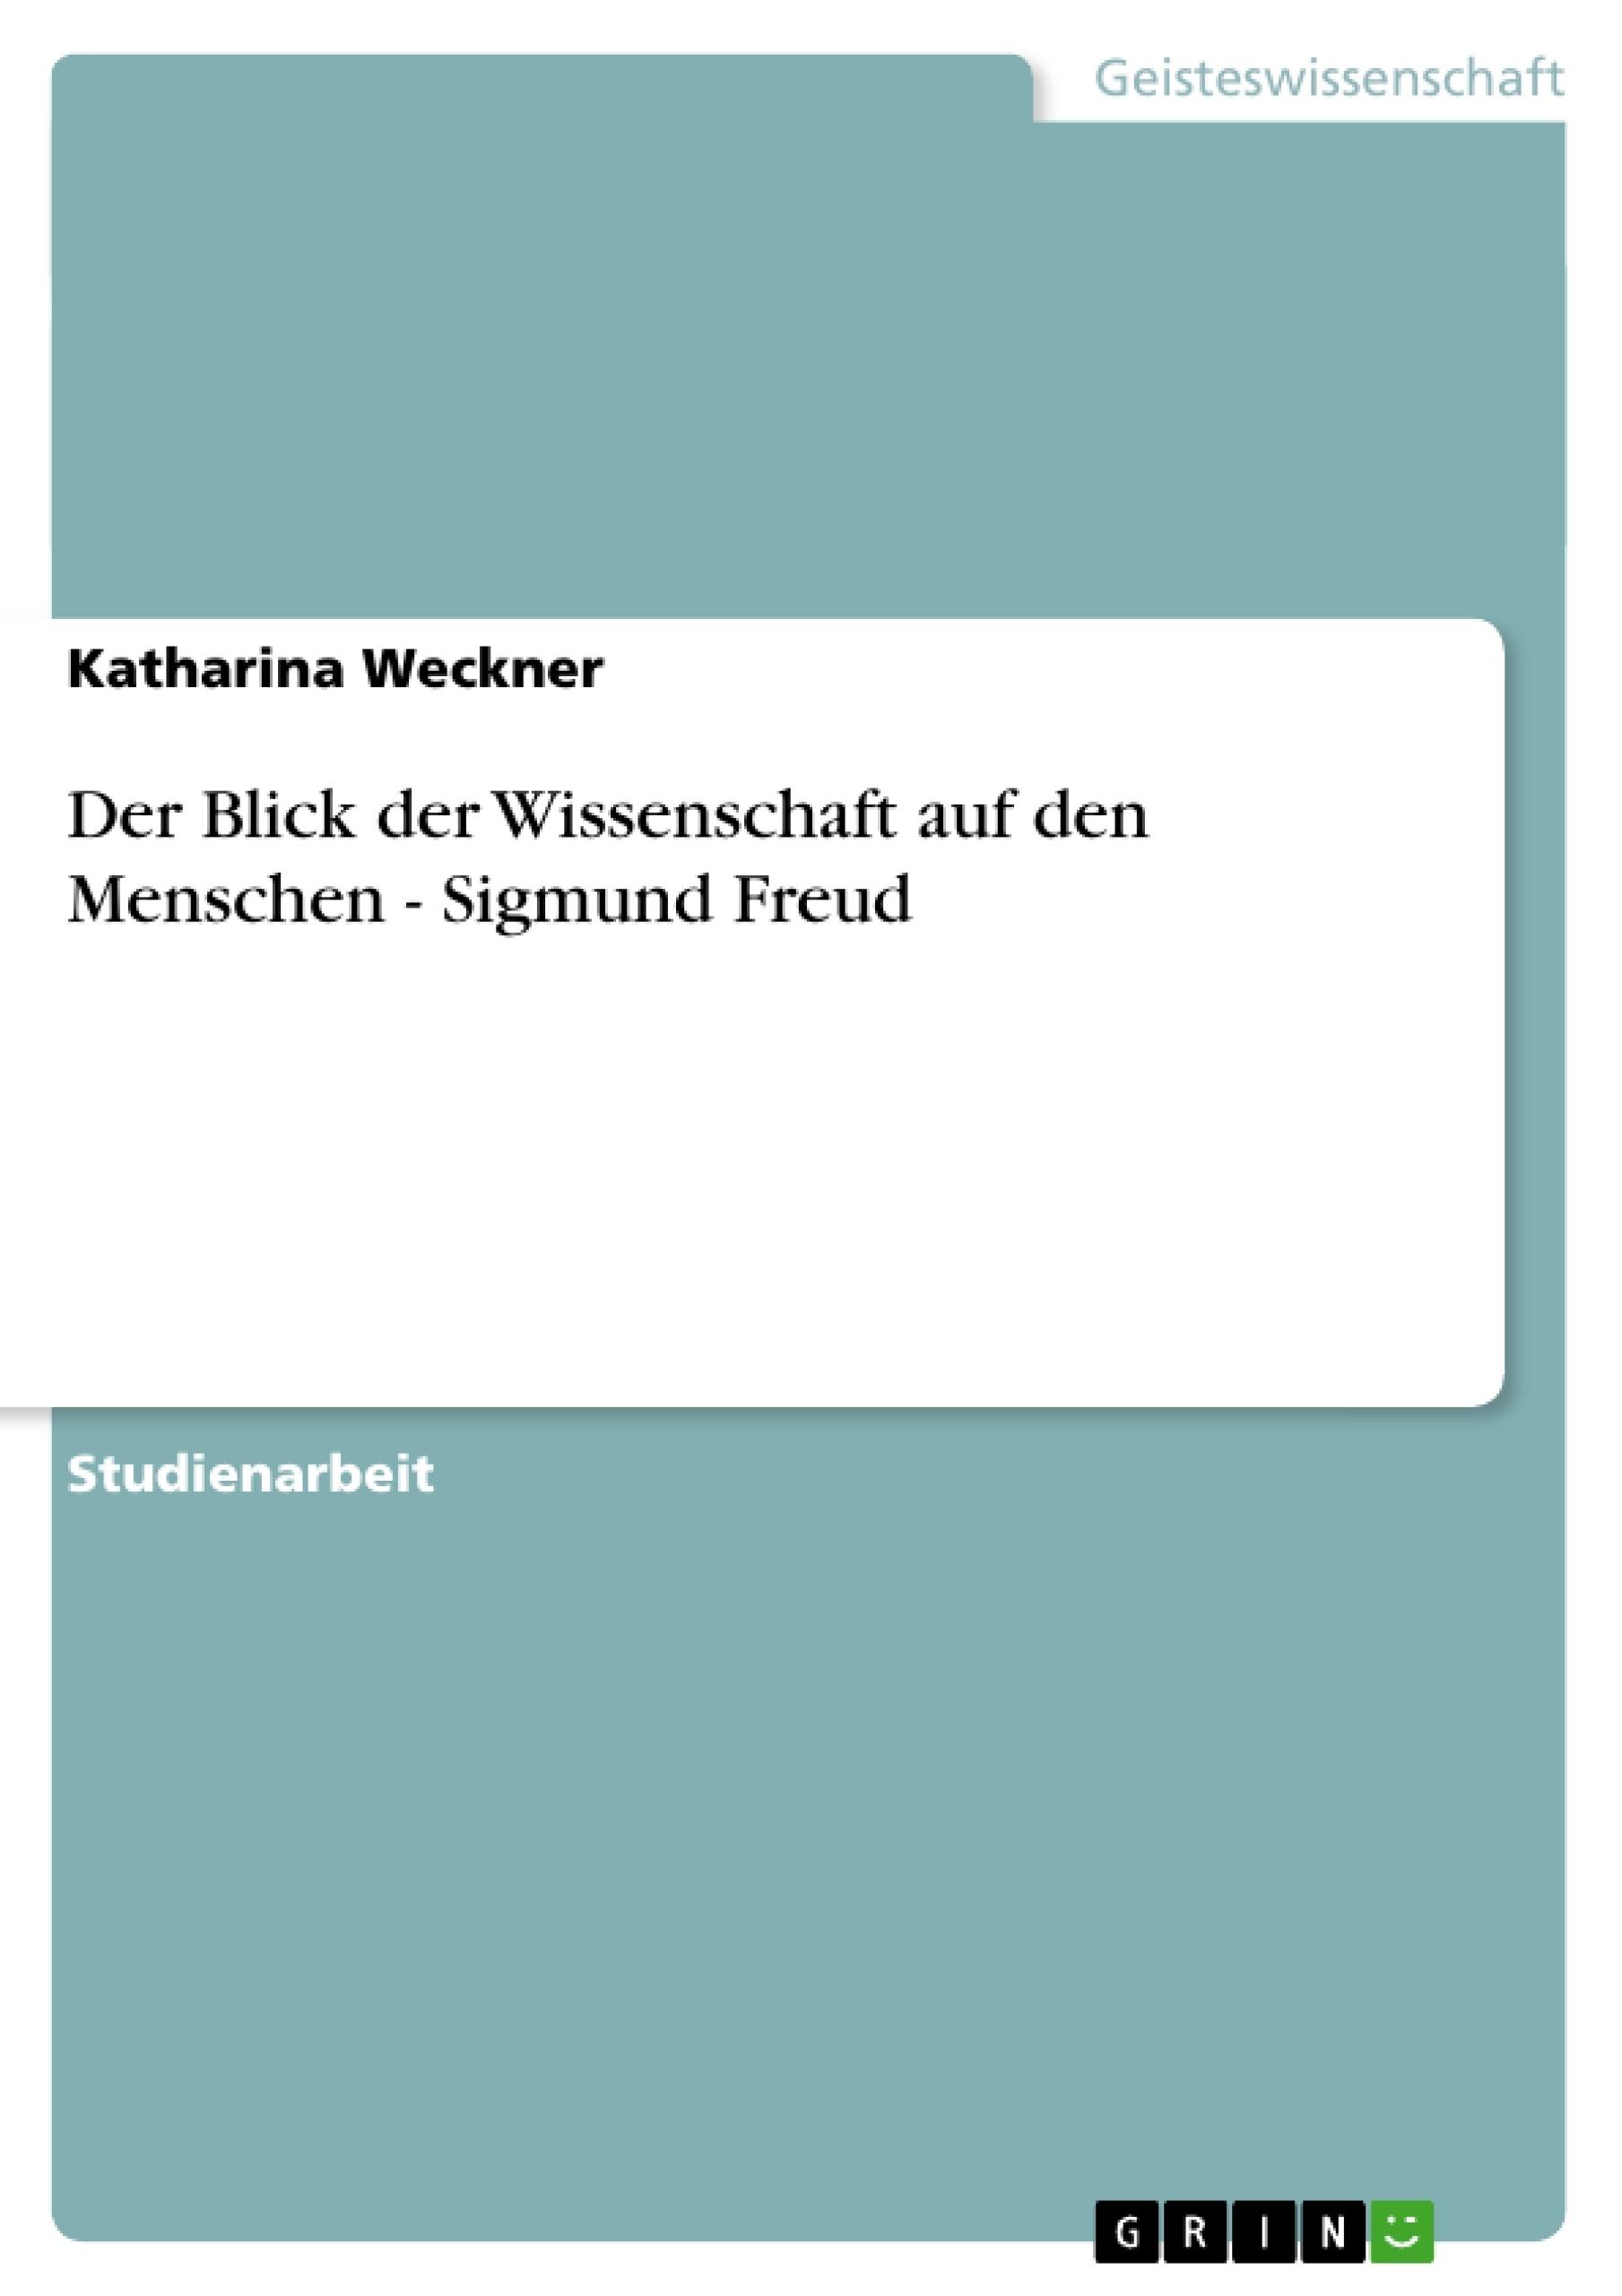 Titel: Der Blick der Wissenschaft auf den Menschen - Sigmund Freud